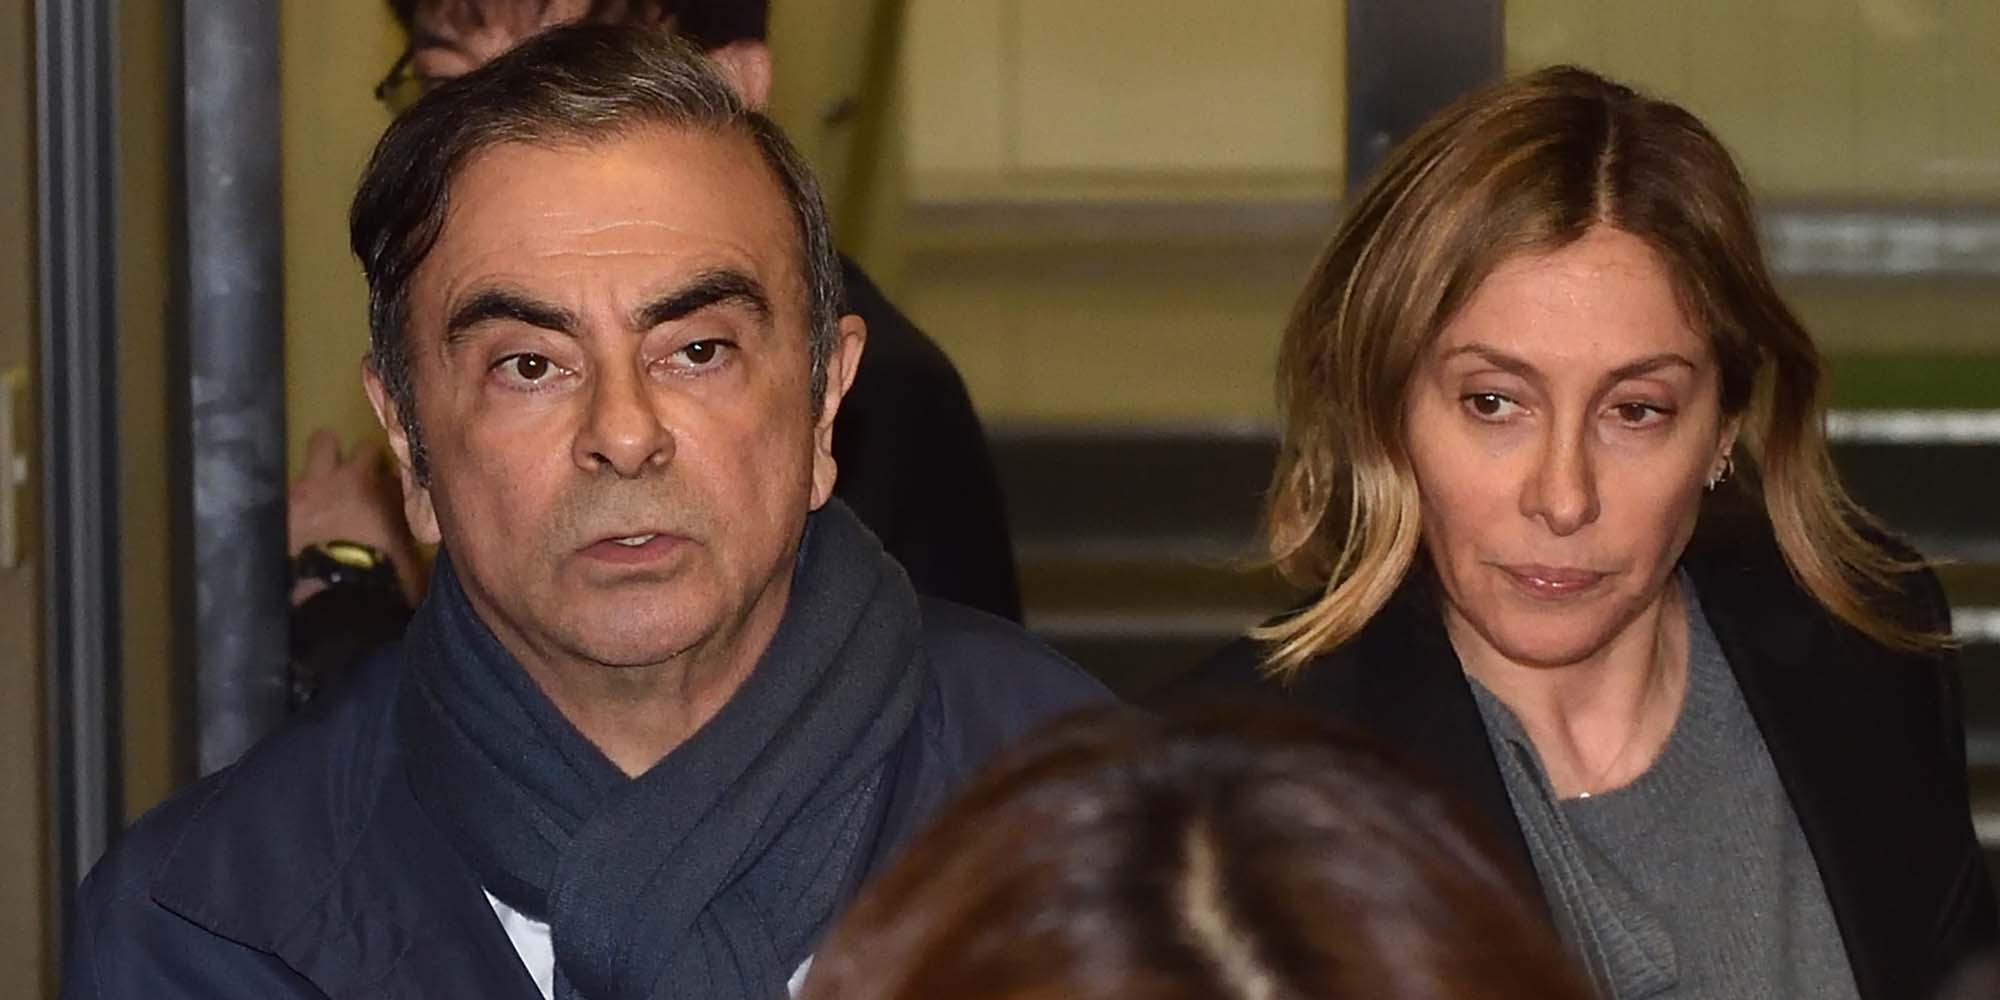 Fuite de Carlos Ghosn : sa femme affirme qu'elle n'était